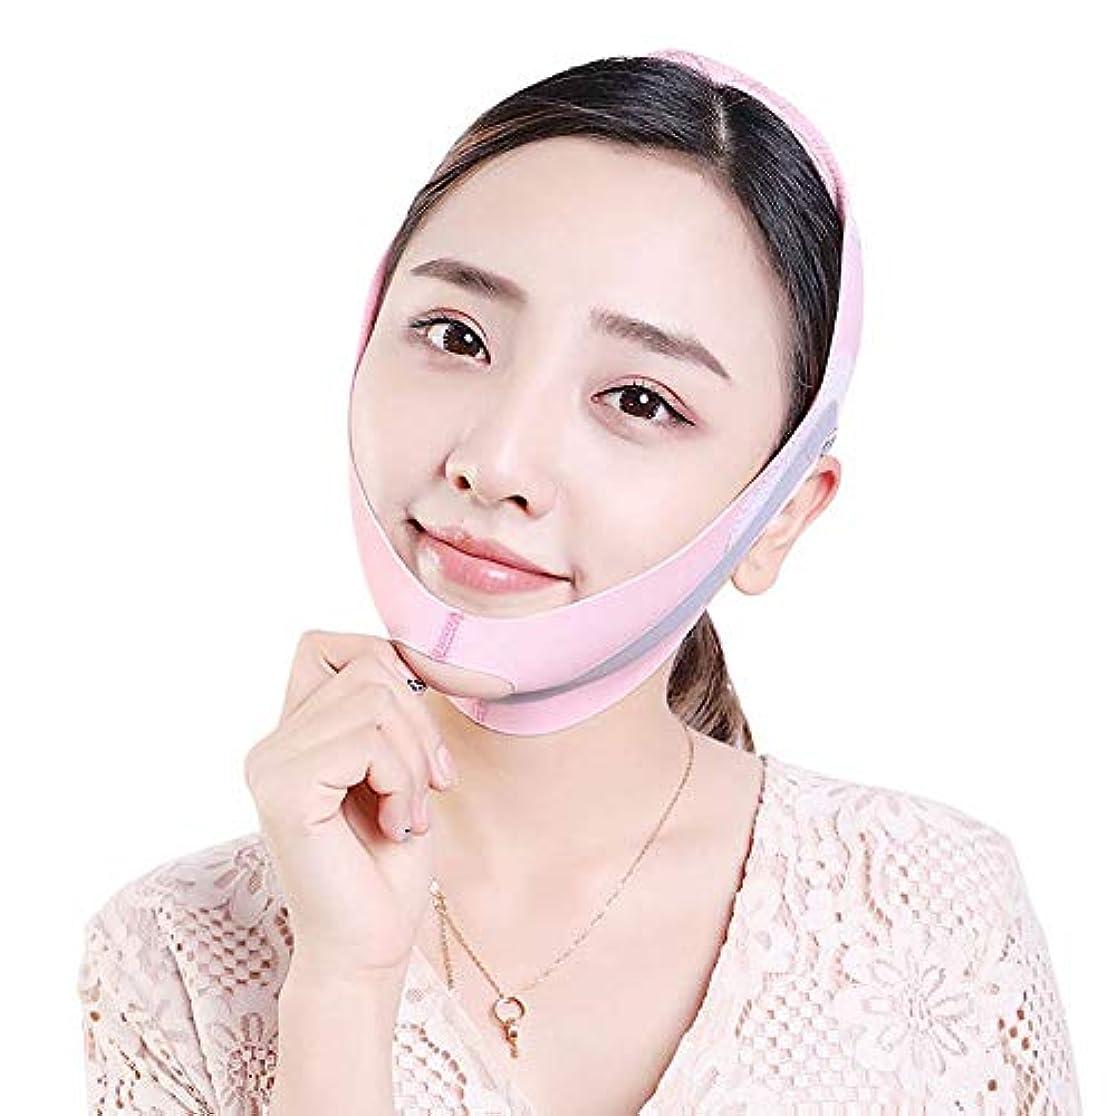 作家遠いおしゃれじゃないMinmin たるみを防ぐために顔を持ち上げるために筋肉を引き締めるために二重あごのステッカーとラインを削除するために、顔を持ち上げるアーティファクト包帯があります - ピンク みんみんVラインフェイスマスク